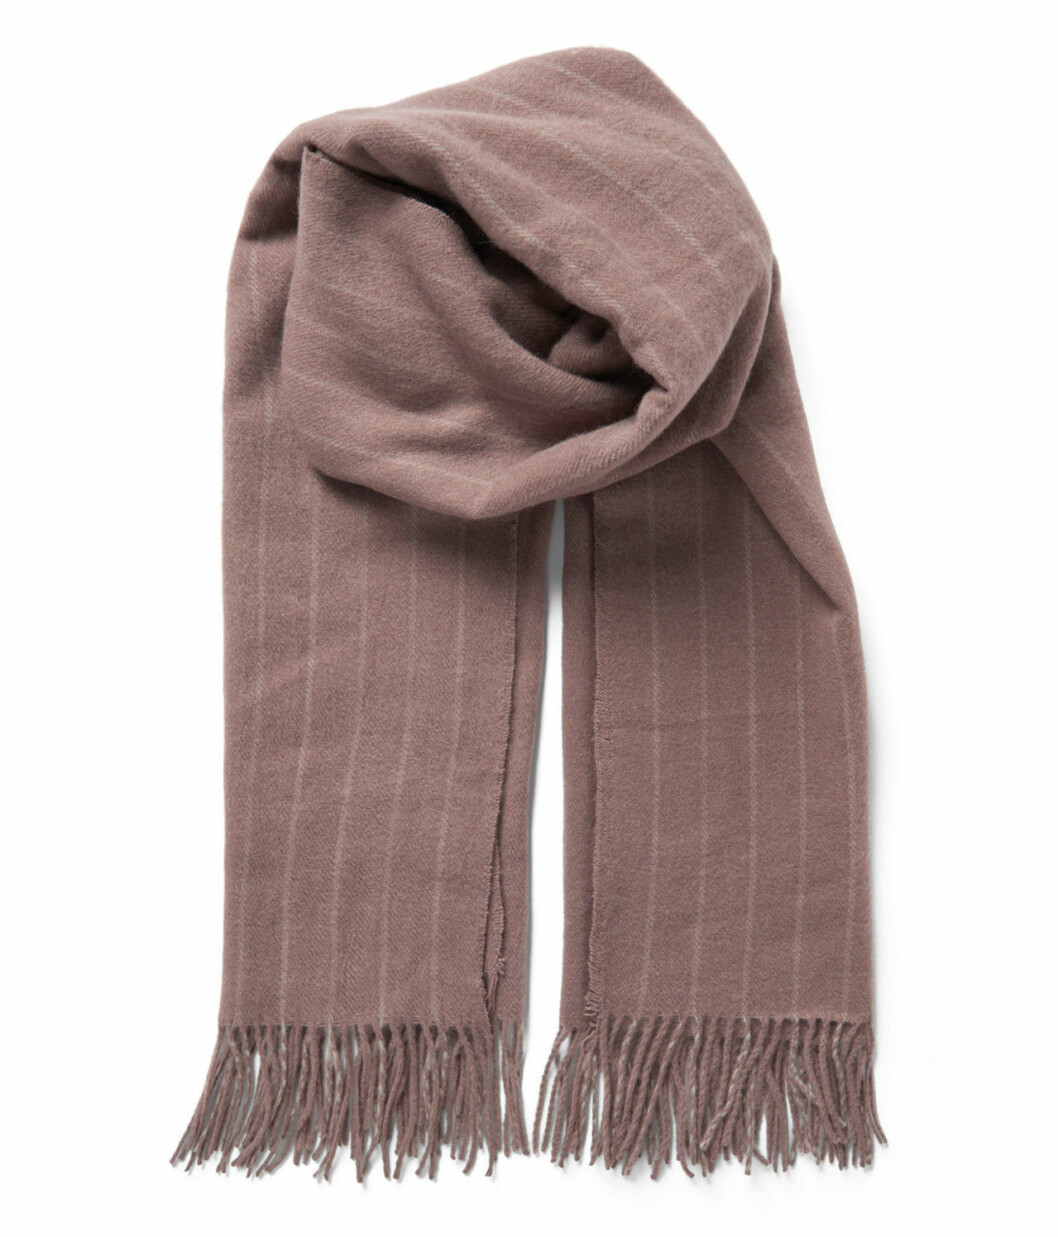 Rosa halsduk till hösten